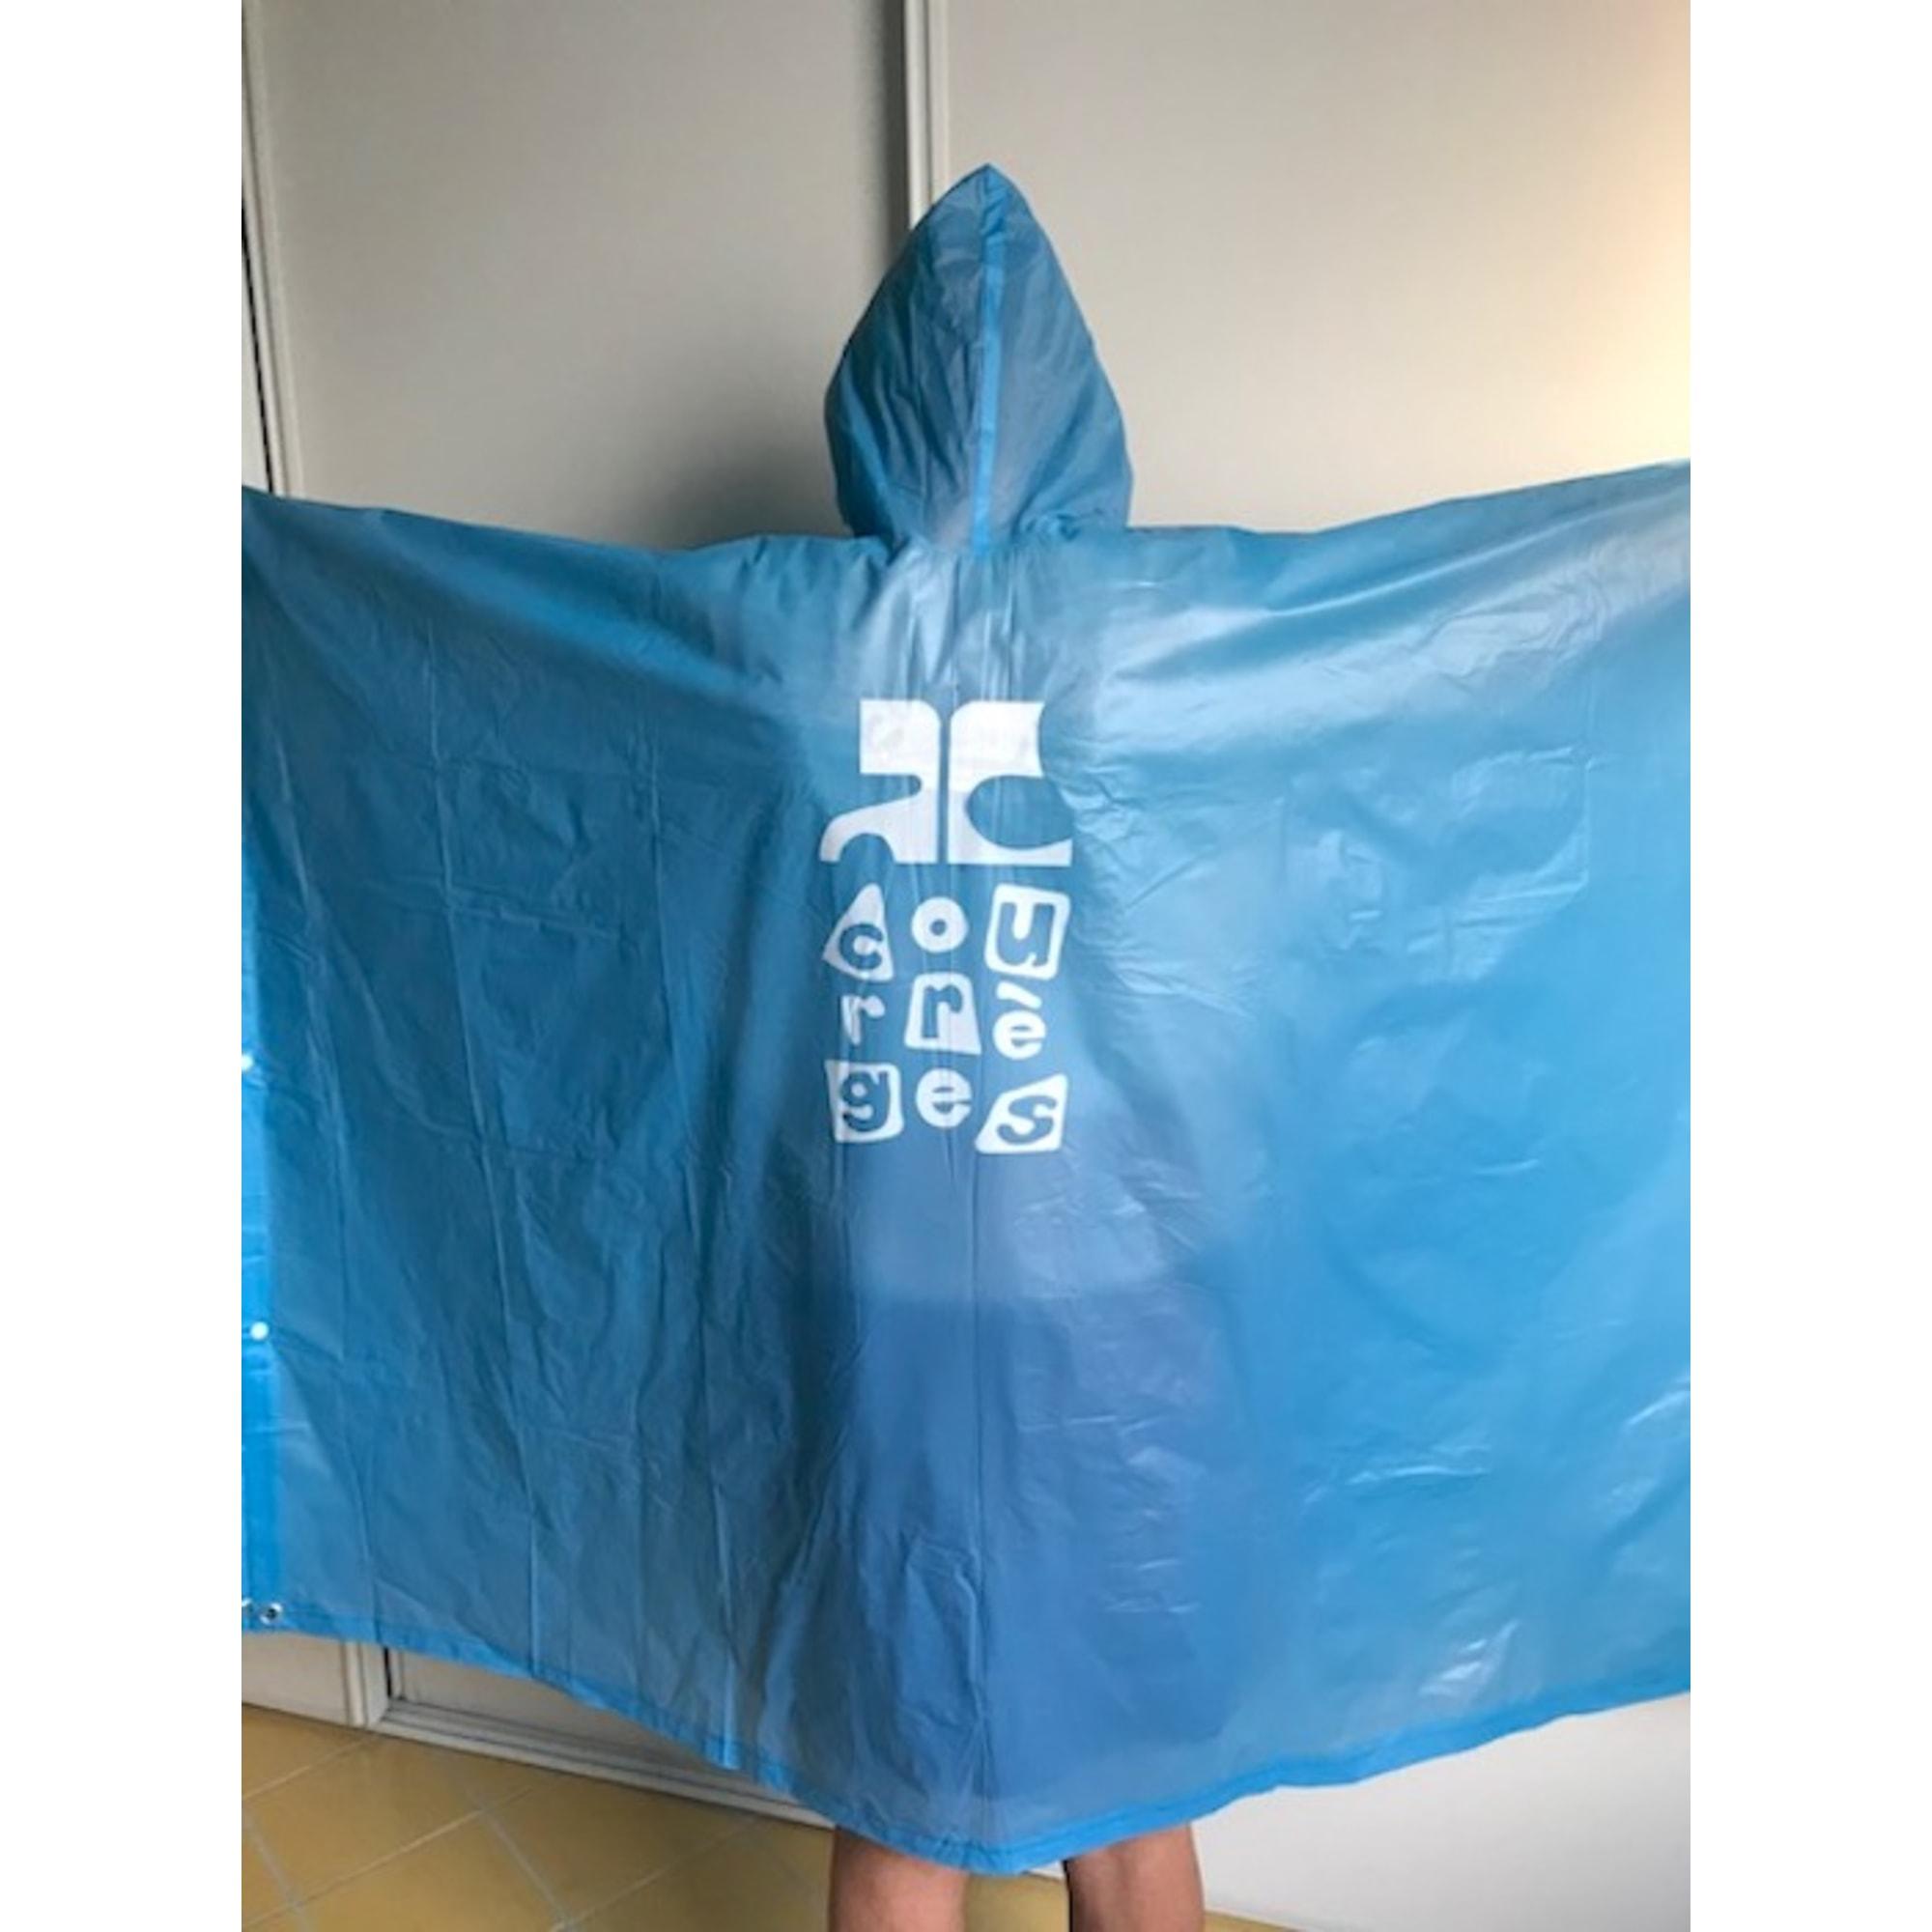 Imperméable, trench COURRÈGES Bleu, bleu marine, bleu turquoise